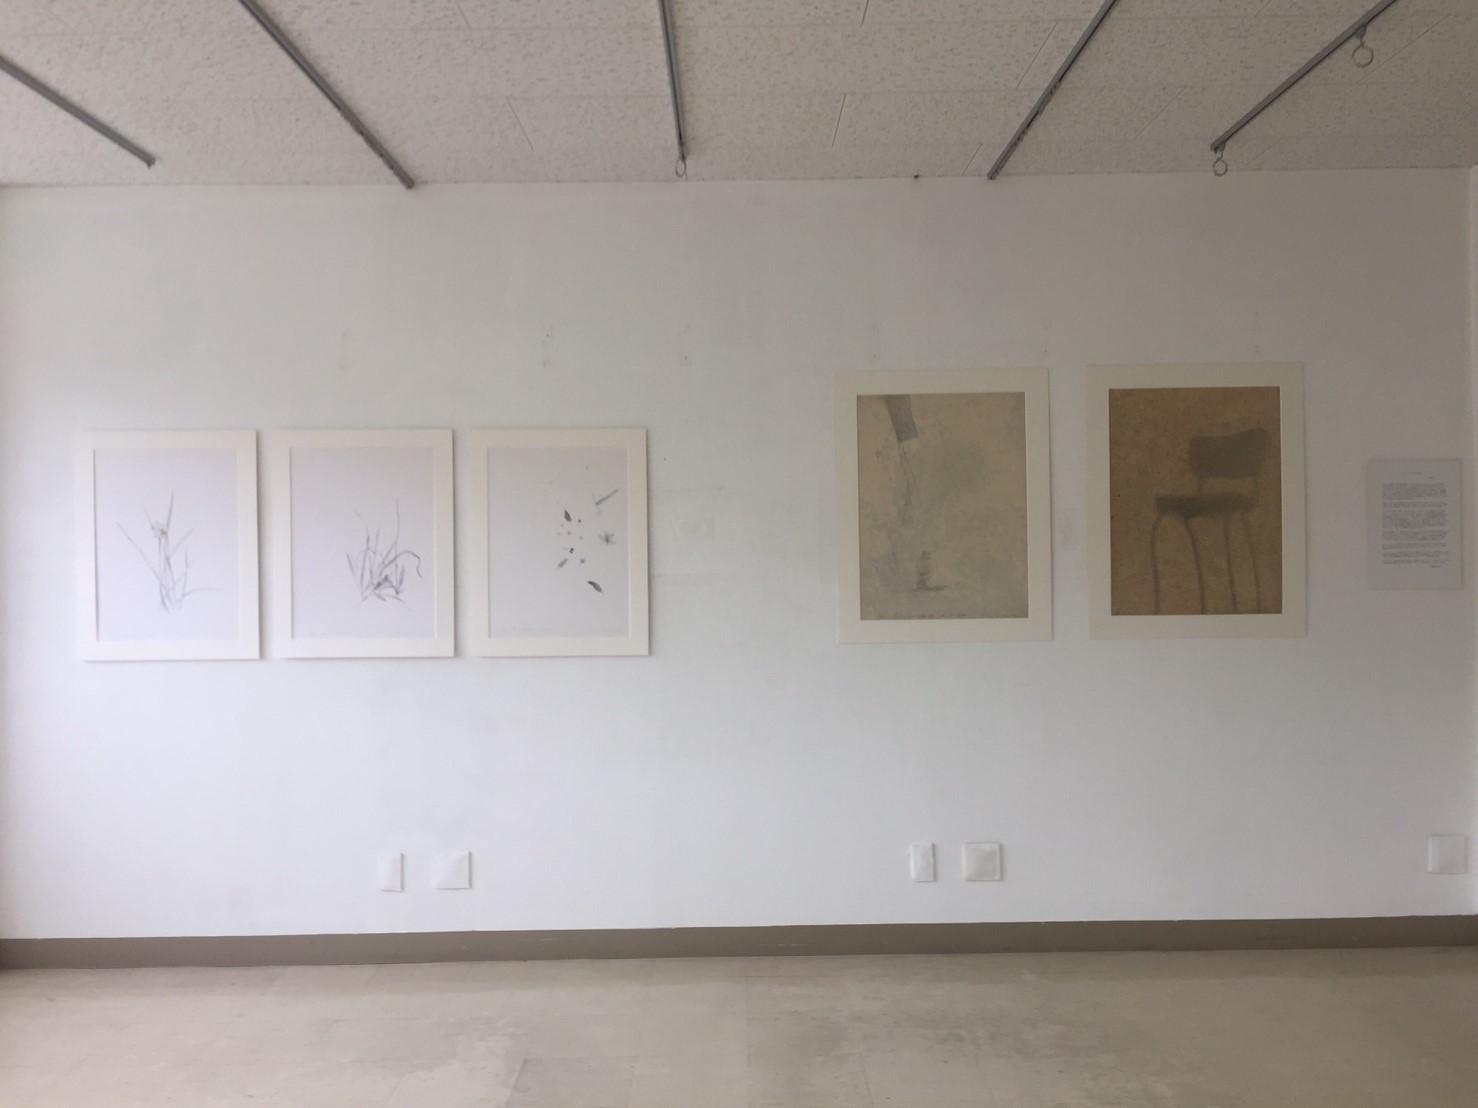 岩美現代美術展 2019_e0115904_01170002.jpg